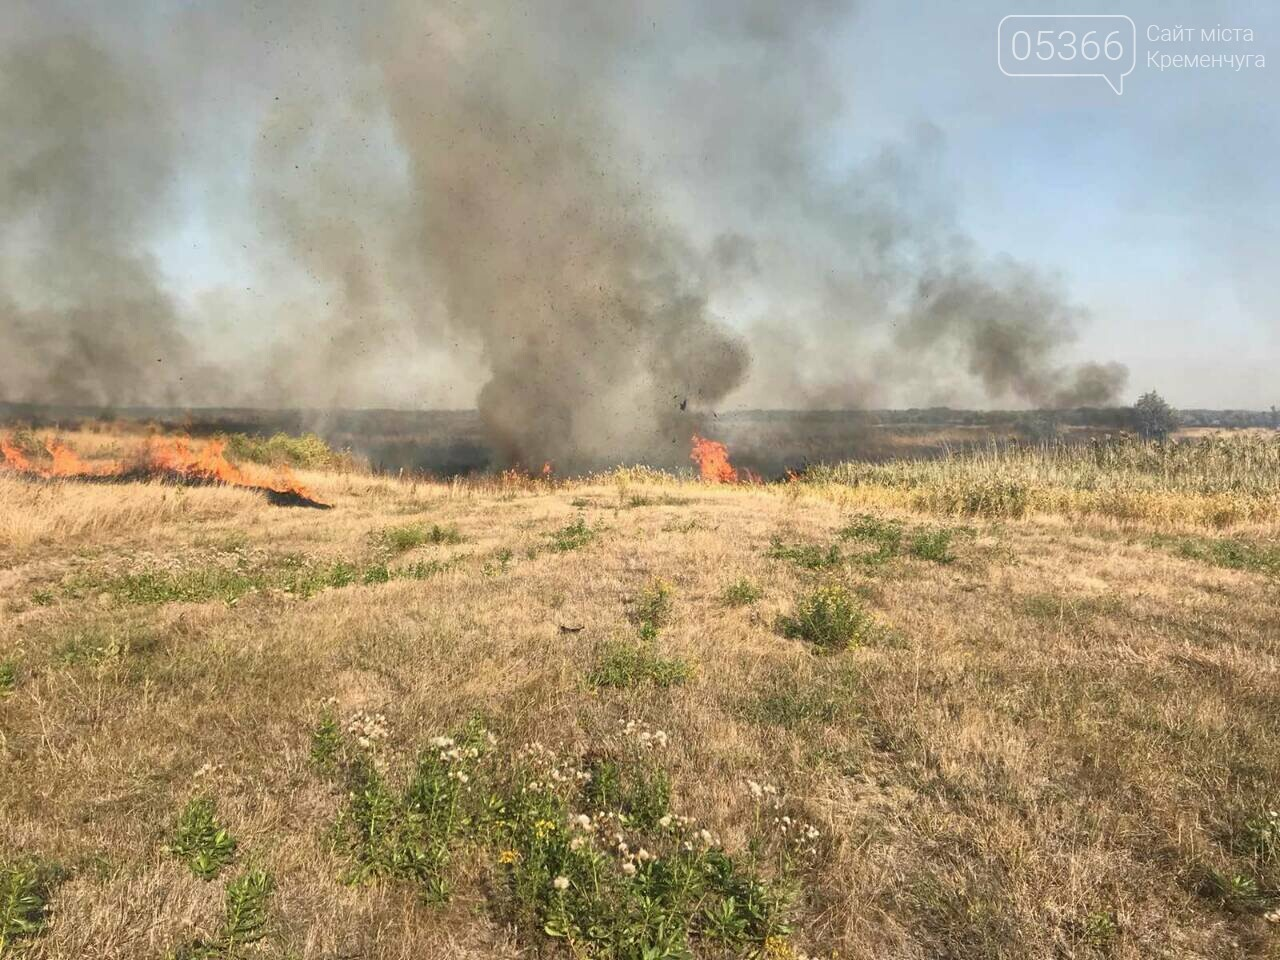 У Кременчуцькому районі горіло 43 гектари сухої рослинності: рятувальники виявили труп, фото-4